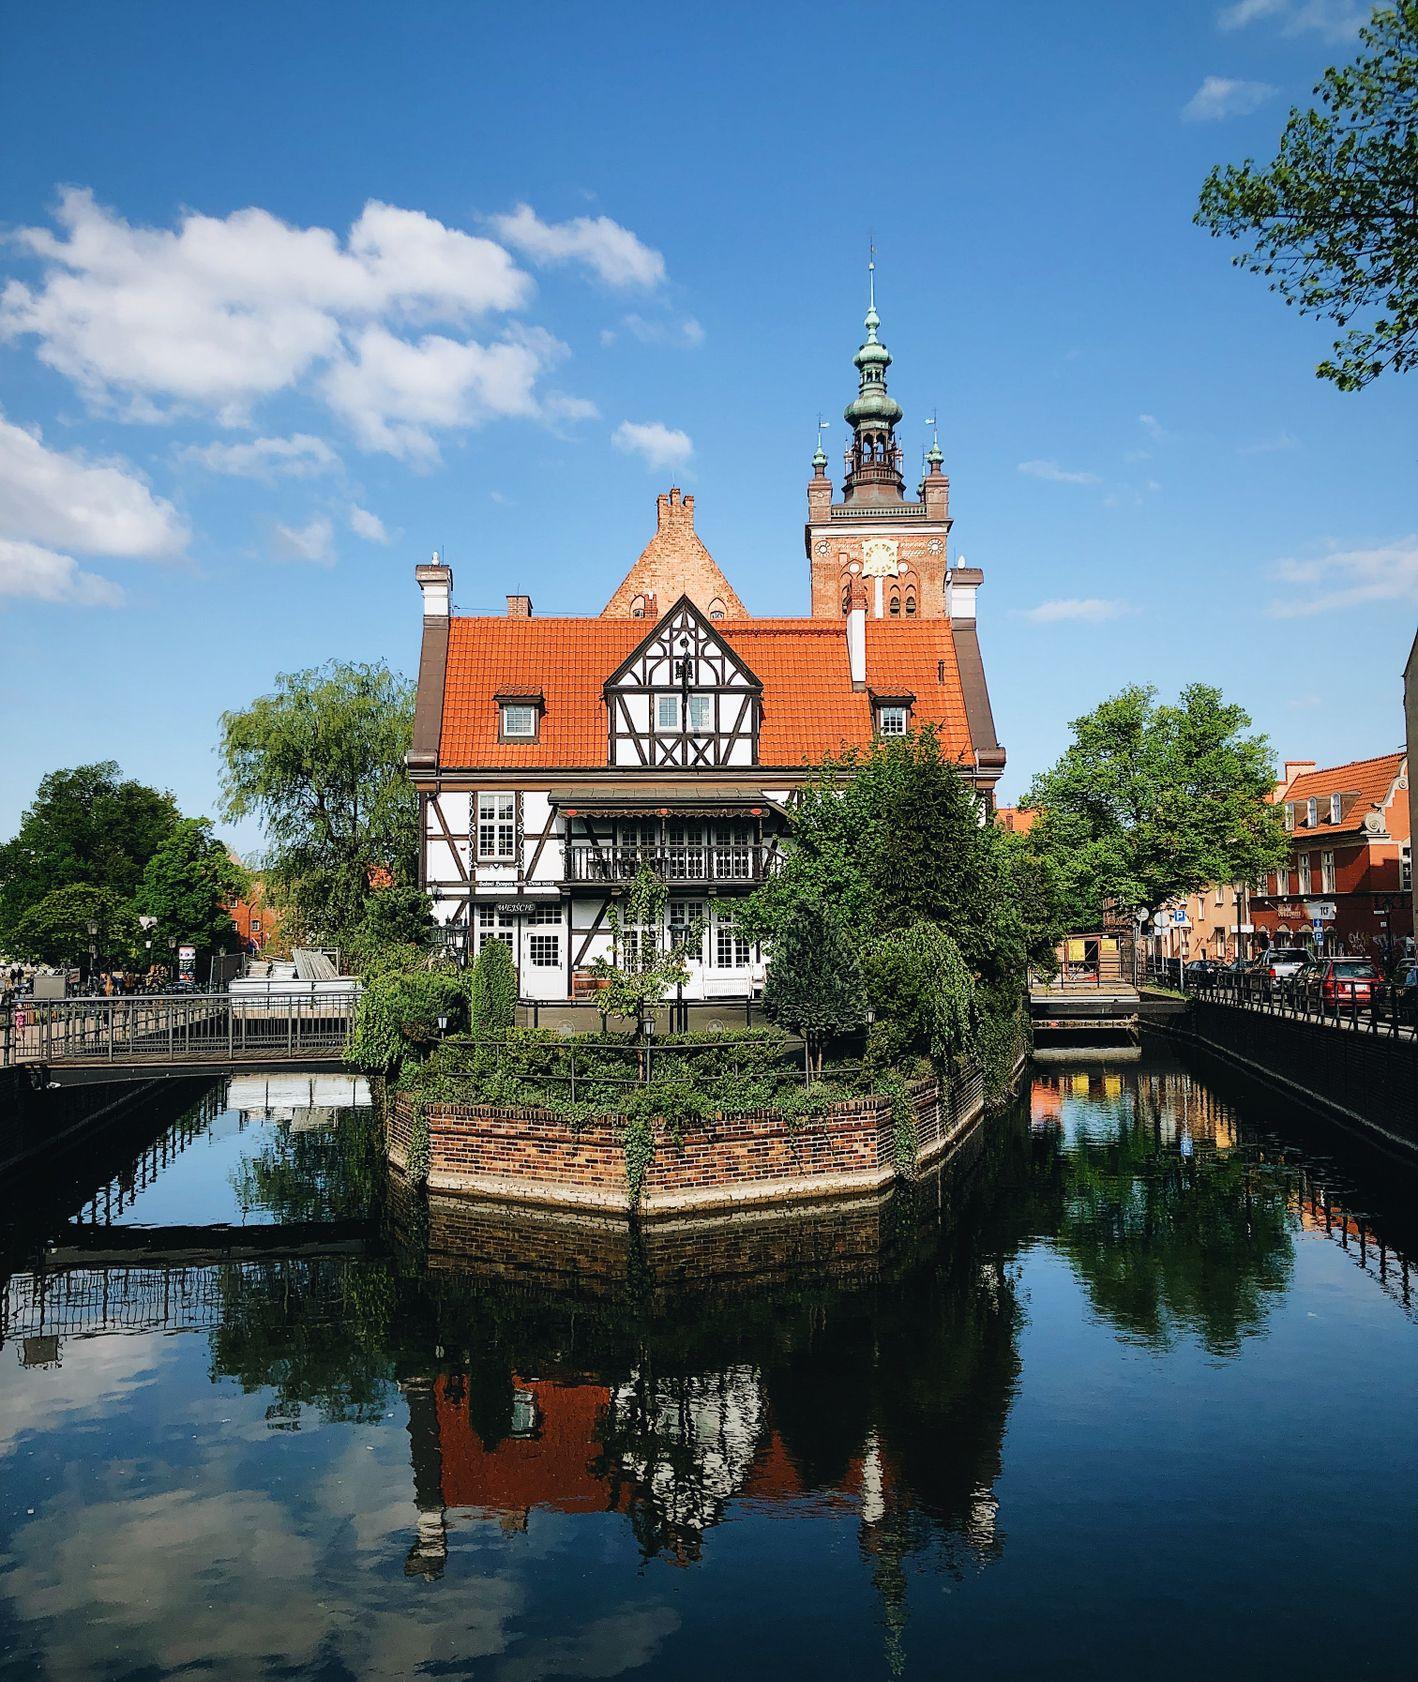 Dom nad kanałem w Gdańsku (fot. Vitaliy Zamedyanskiy / unsplash.com)